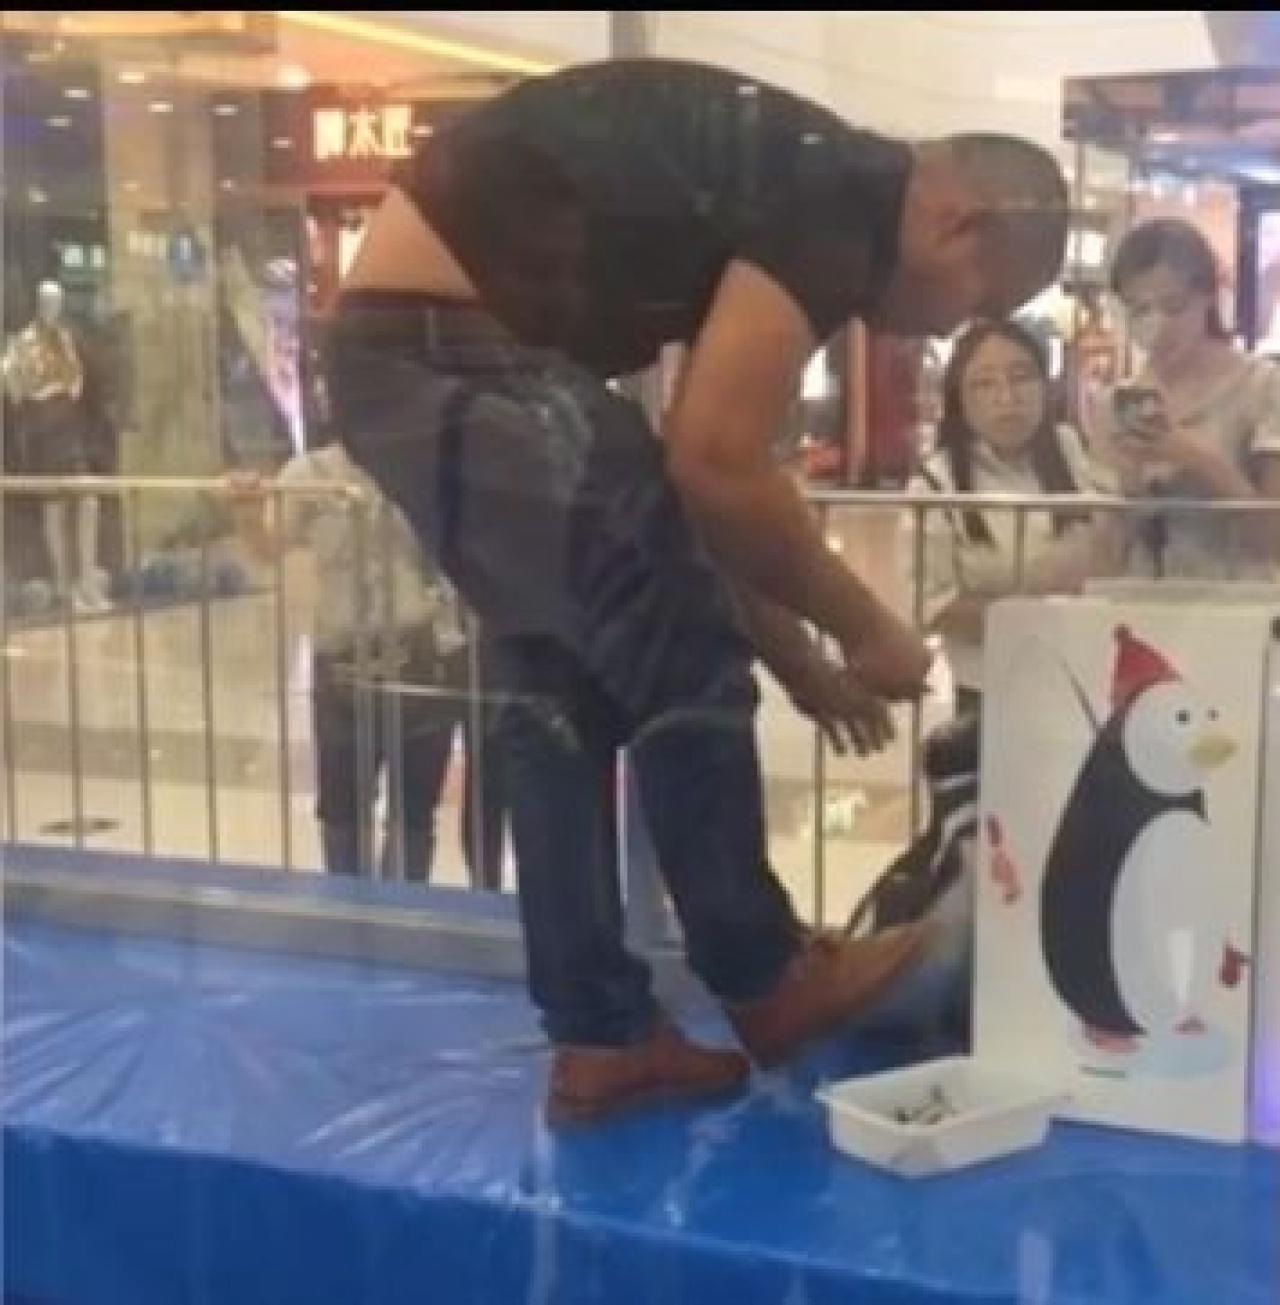 內蒙古萬達廣場飼養員用腳踢企鵝。   (影片截圖)